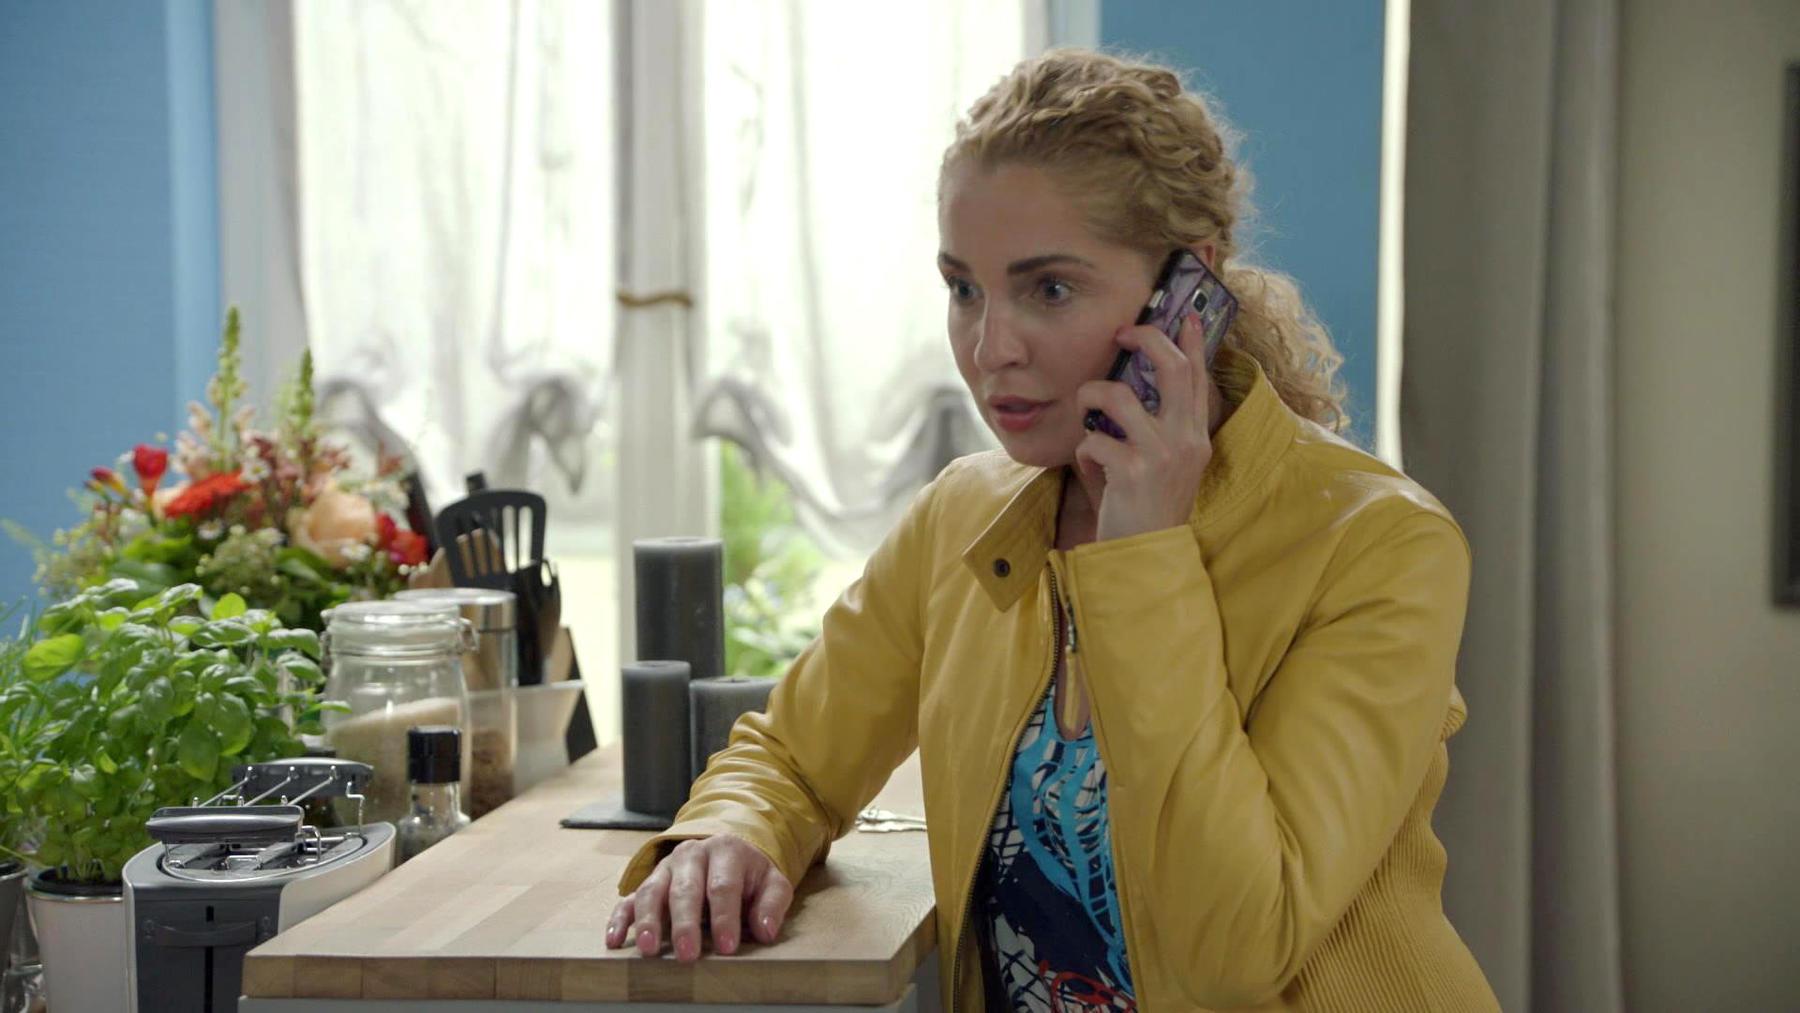 Am Telefon sprechen sich Leon und Nina miteinander aus